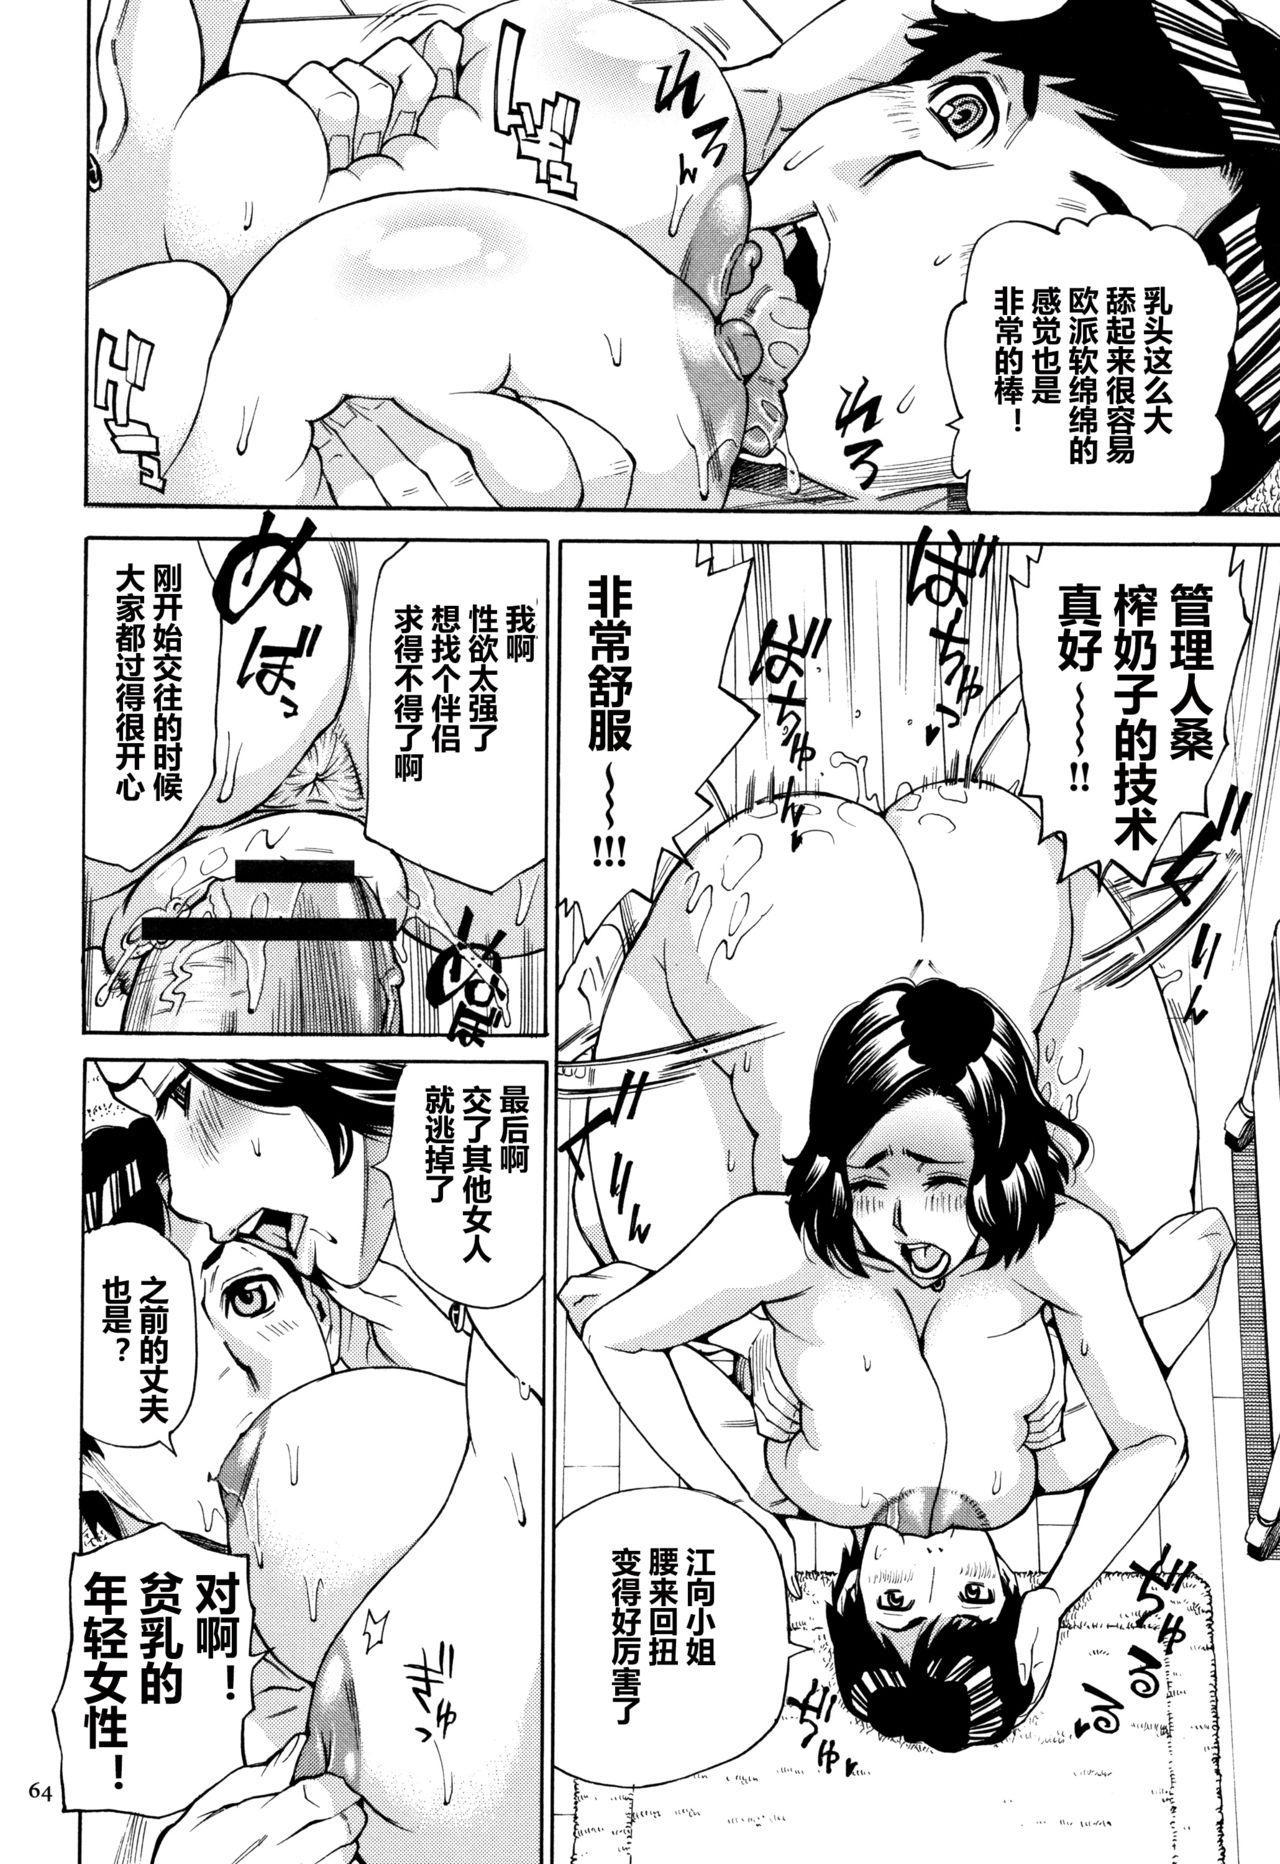 Oba-san dakedo, Daite Hoshii. 64